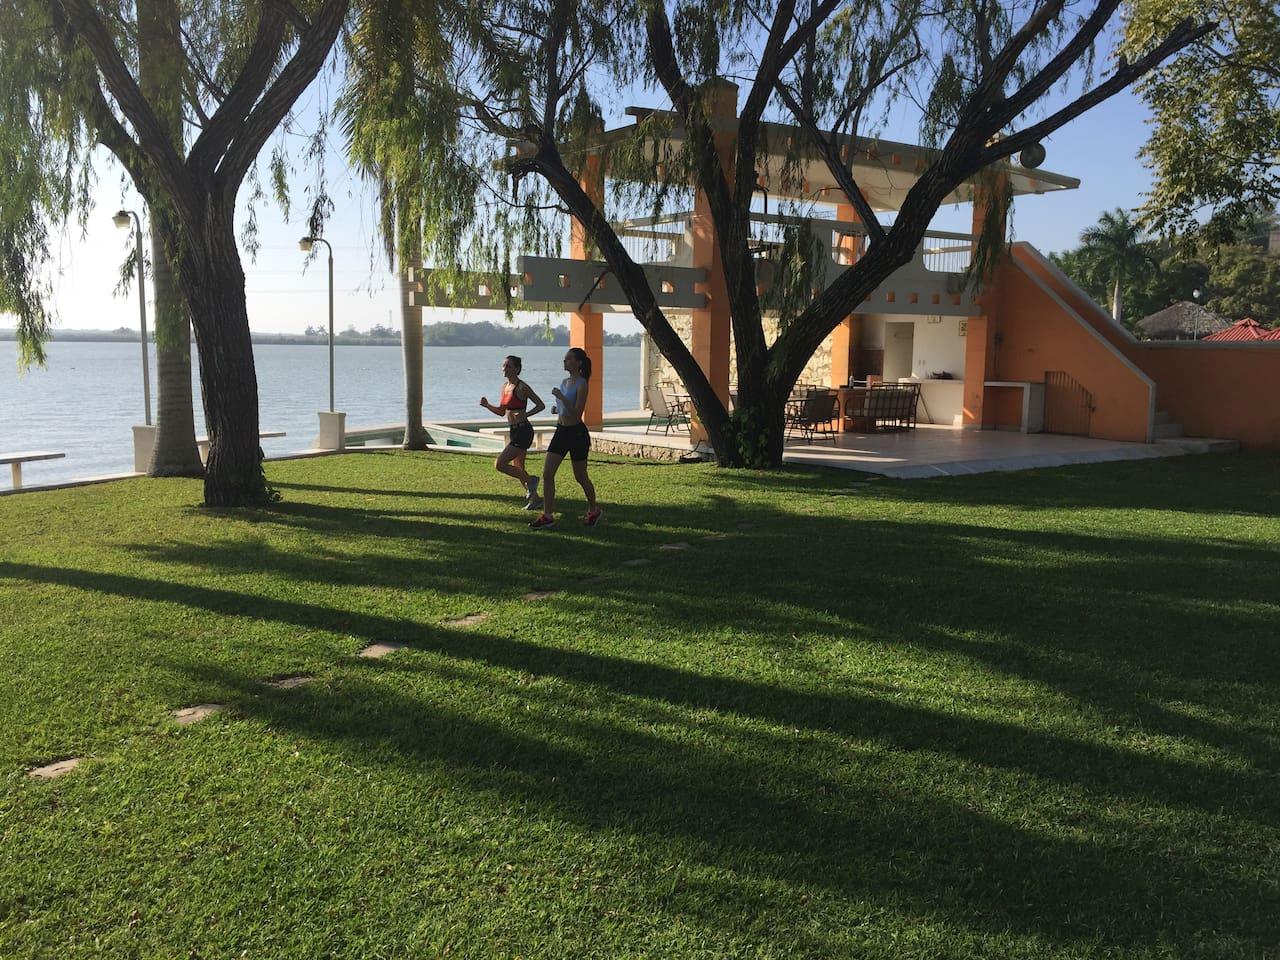 Amplios jardines justo frente a Laguna para hacer ejercicio, eventos al aire libre, acampar.